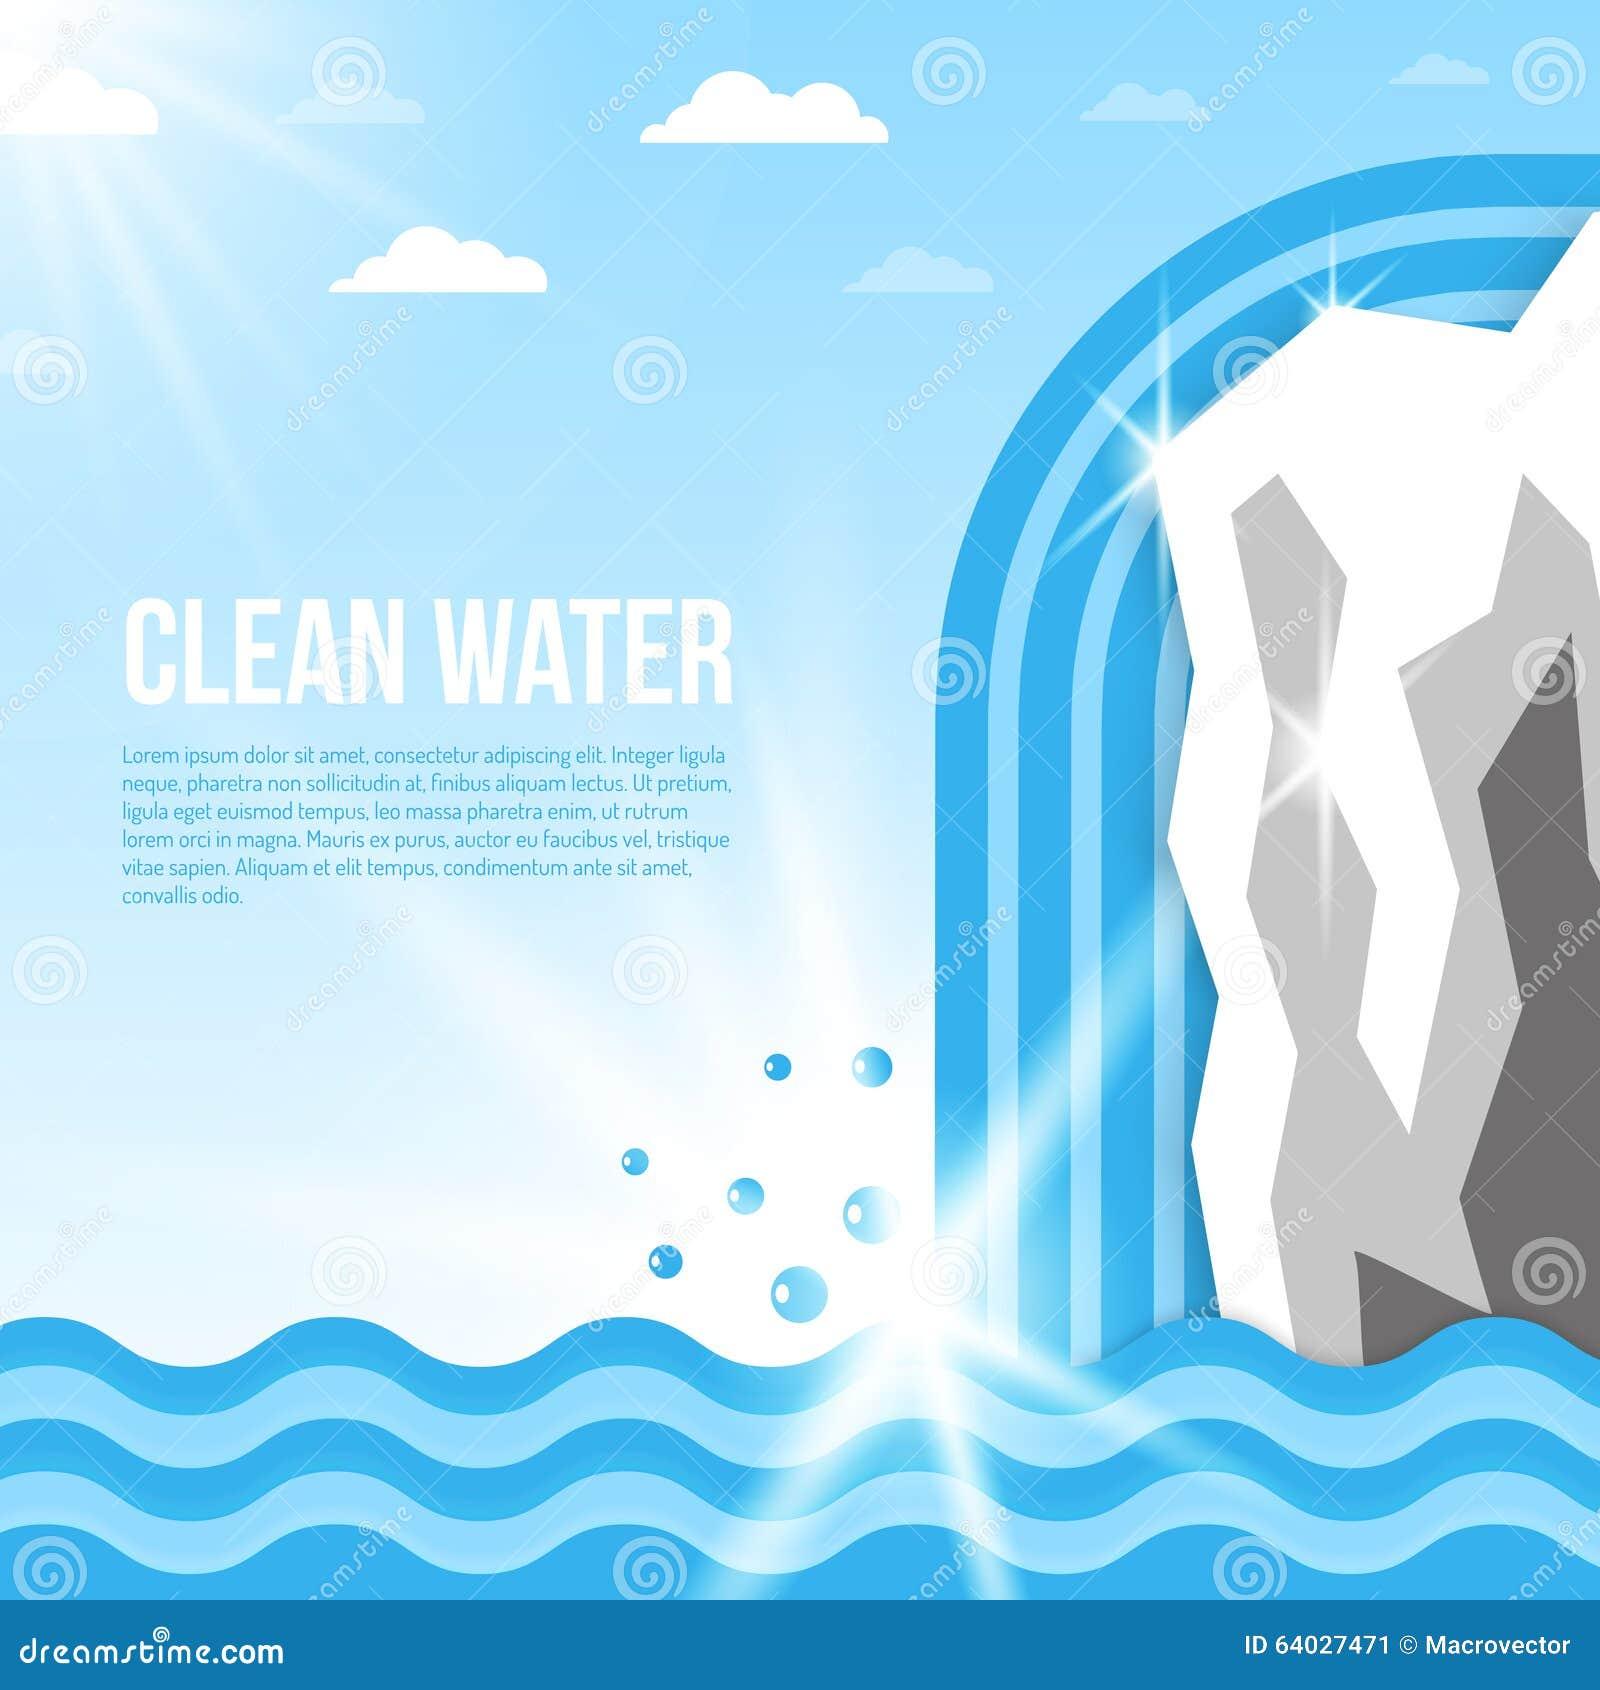 Ilustración del fondo del agua